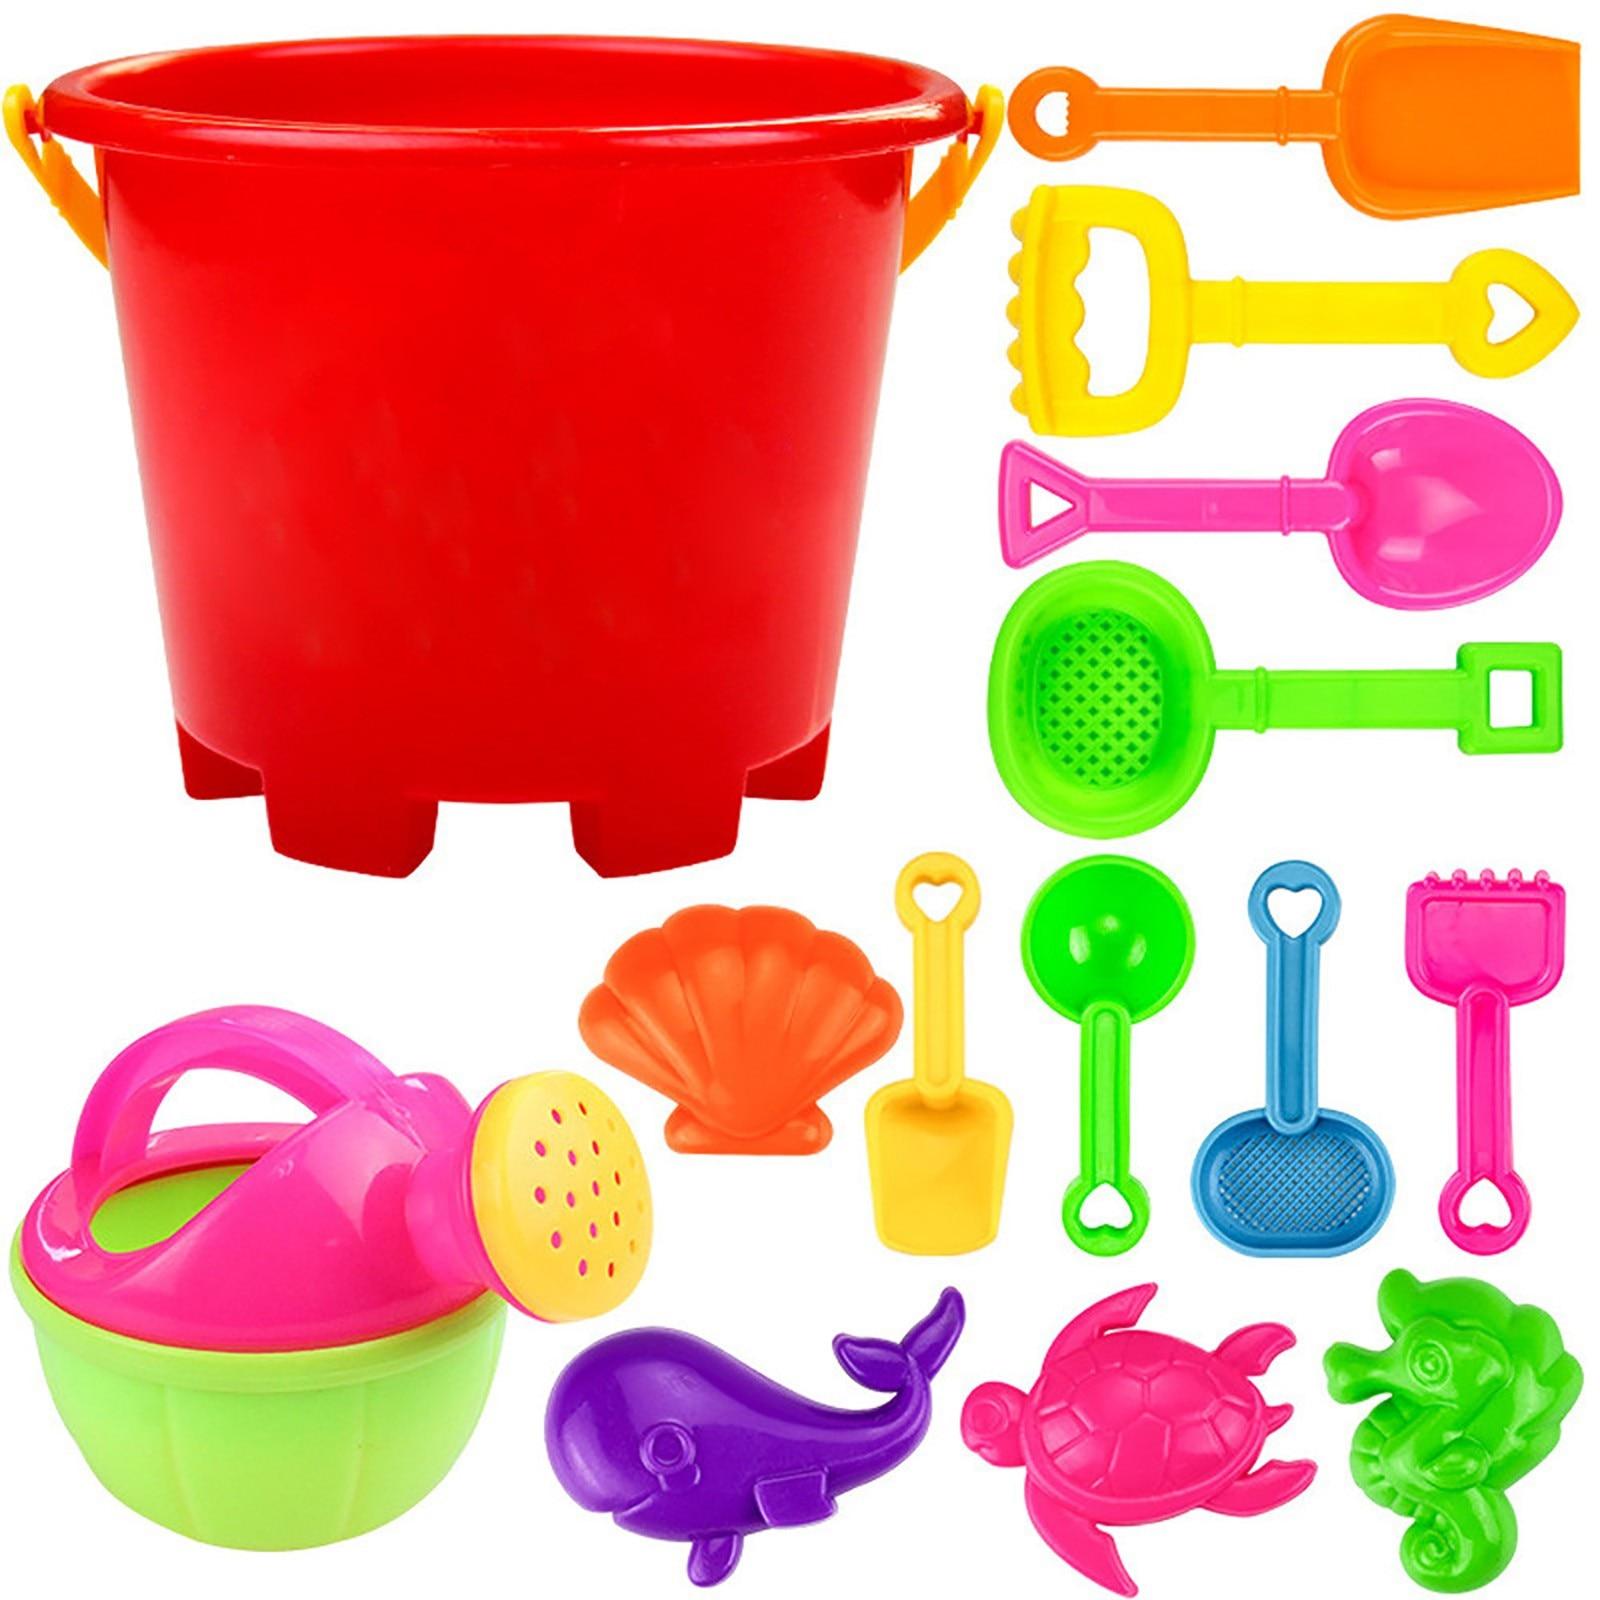 Набор инструментов для пляжа, 14 шт., игра с песком, игрушки для детей, забавные инструменты для водного пляжа, приморские инструменты, Детска...